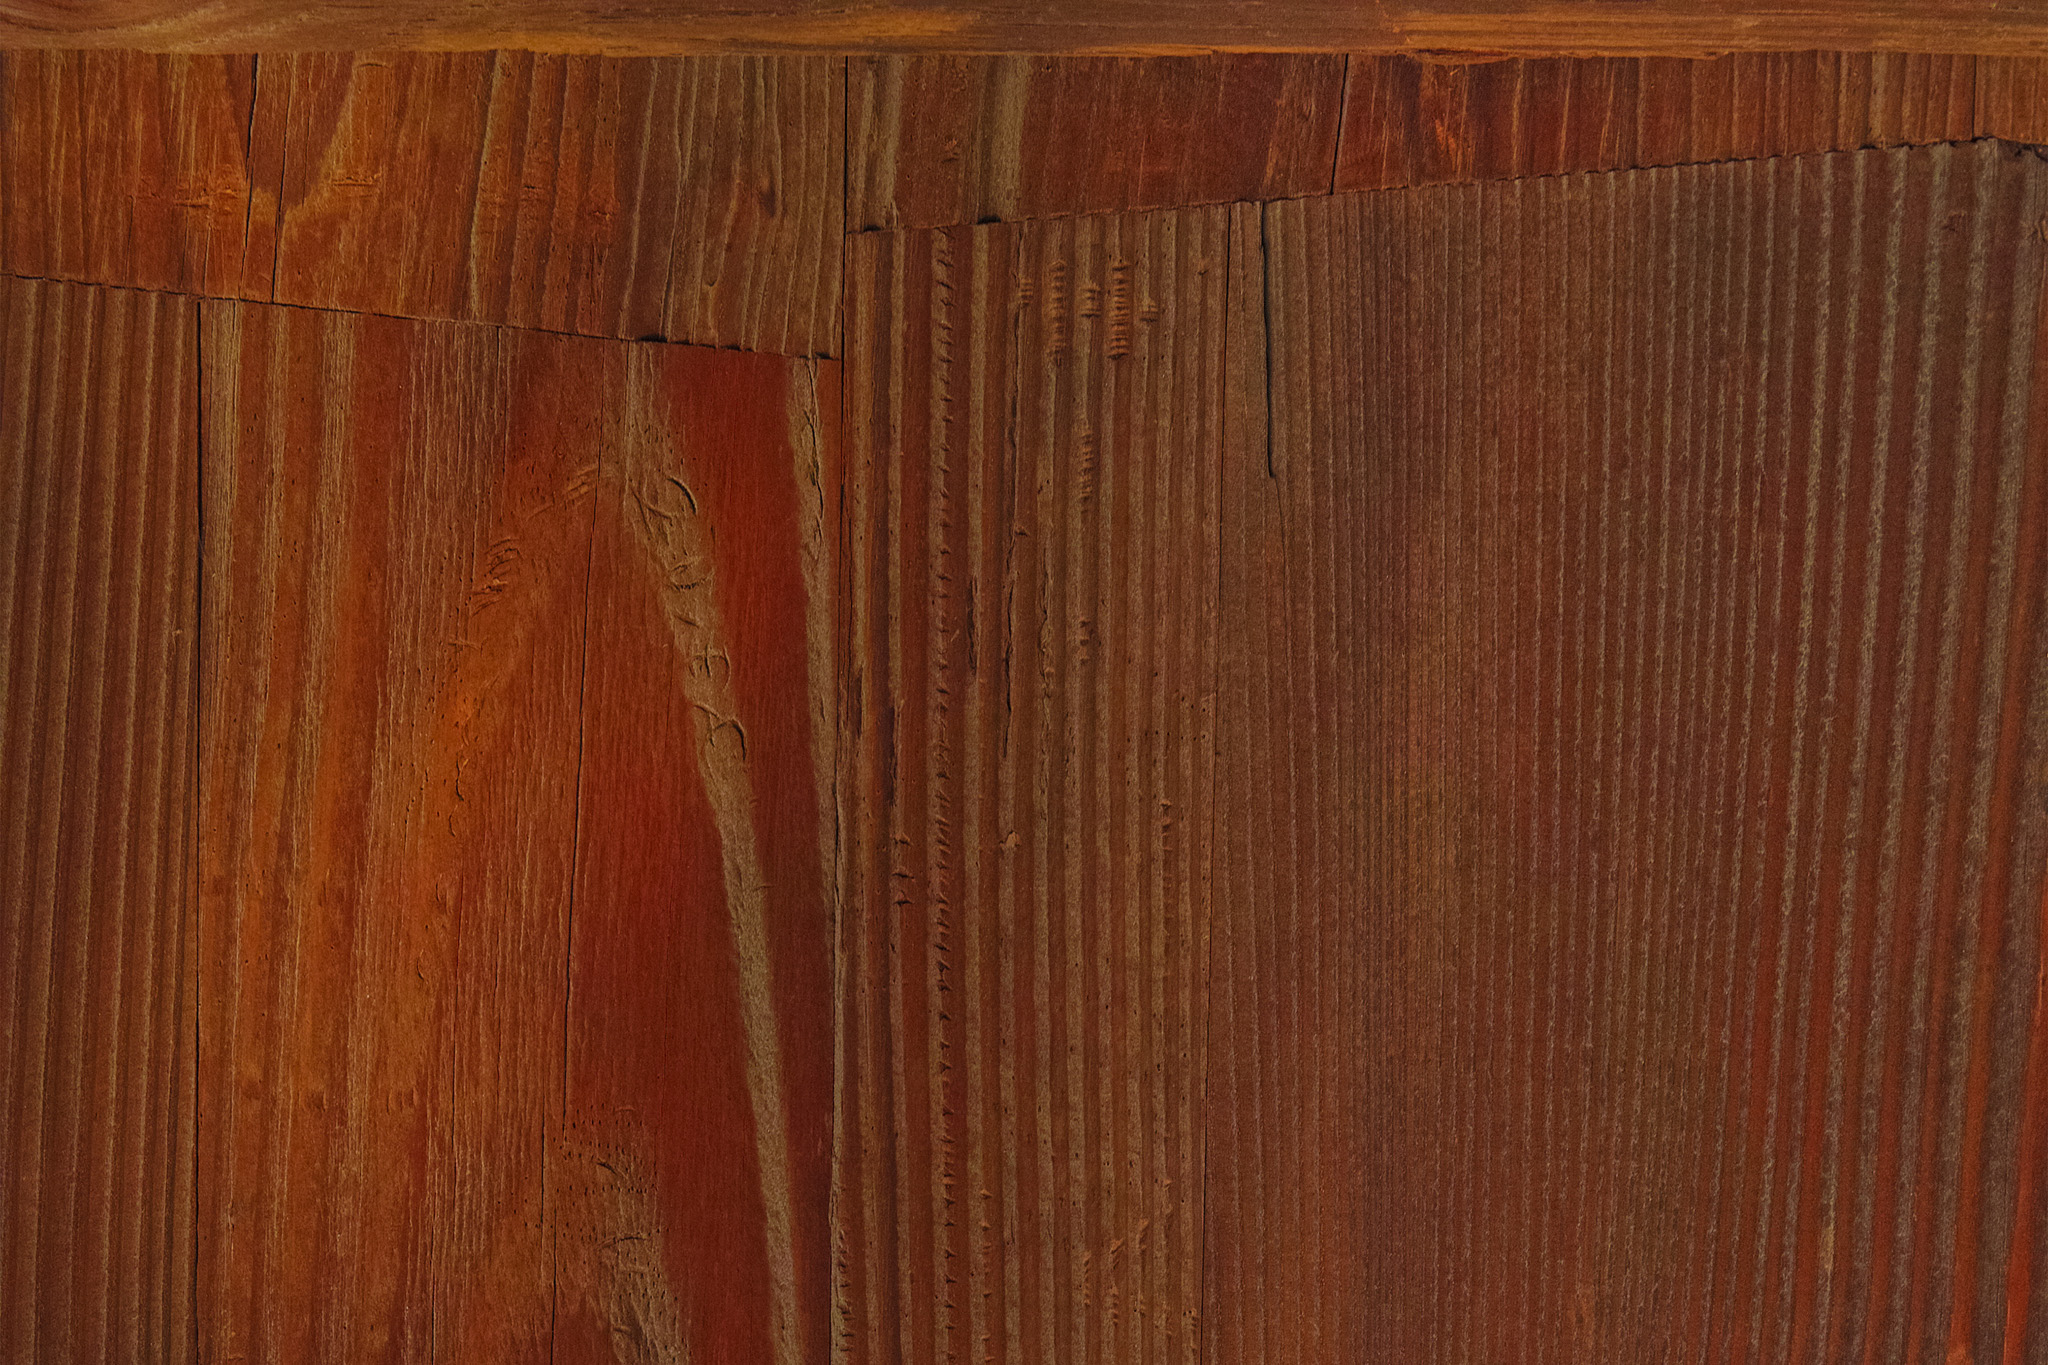 「継ぎ接ぎしたタモ木材の板」の素材を無料ダウンロード